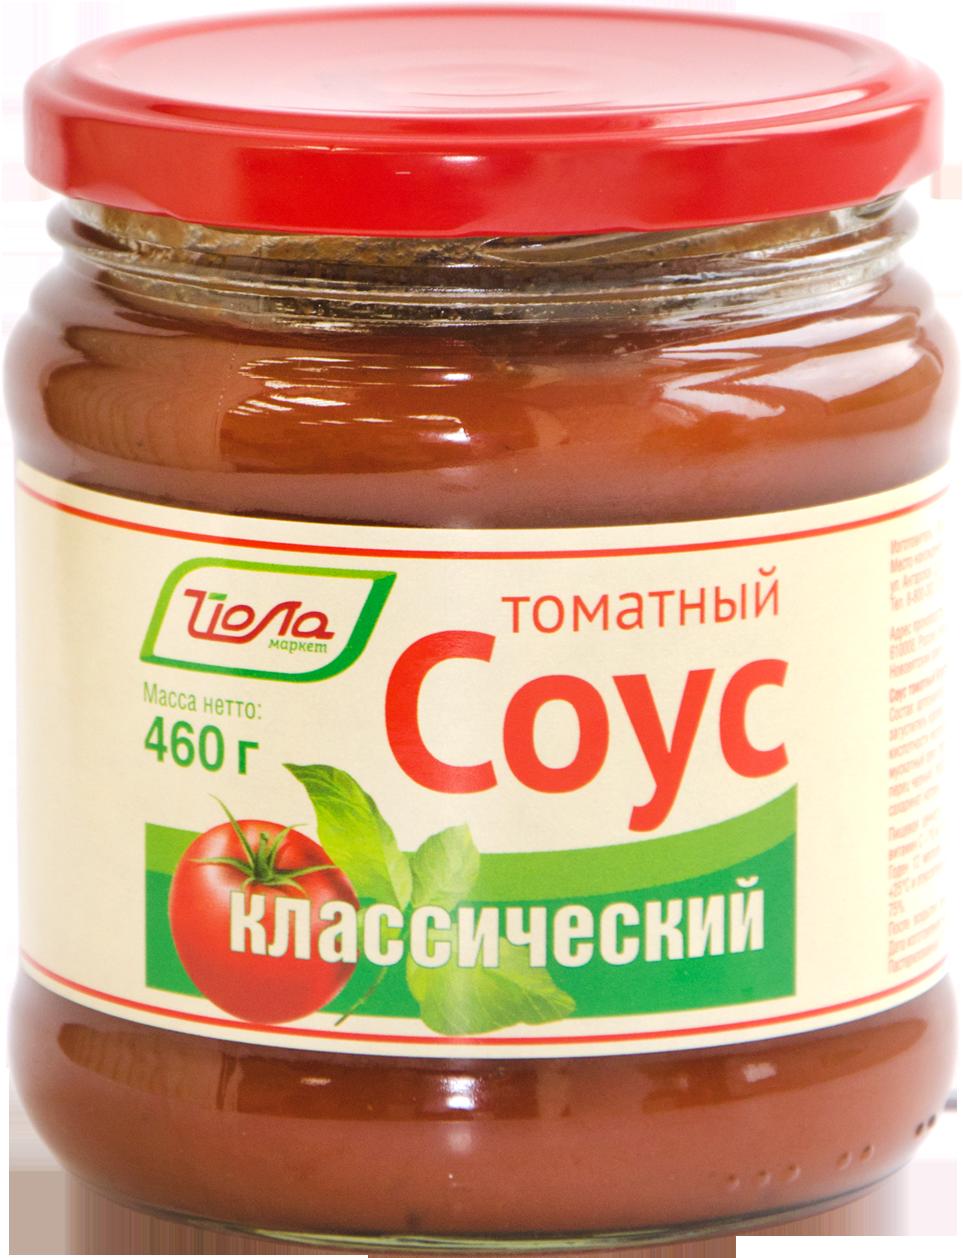 Соус томатный классический с/б 460г (ЙОЛА)